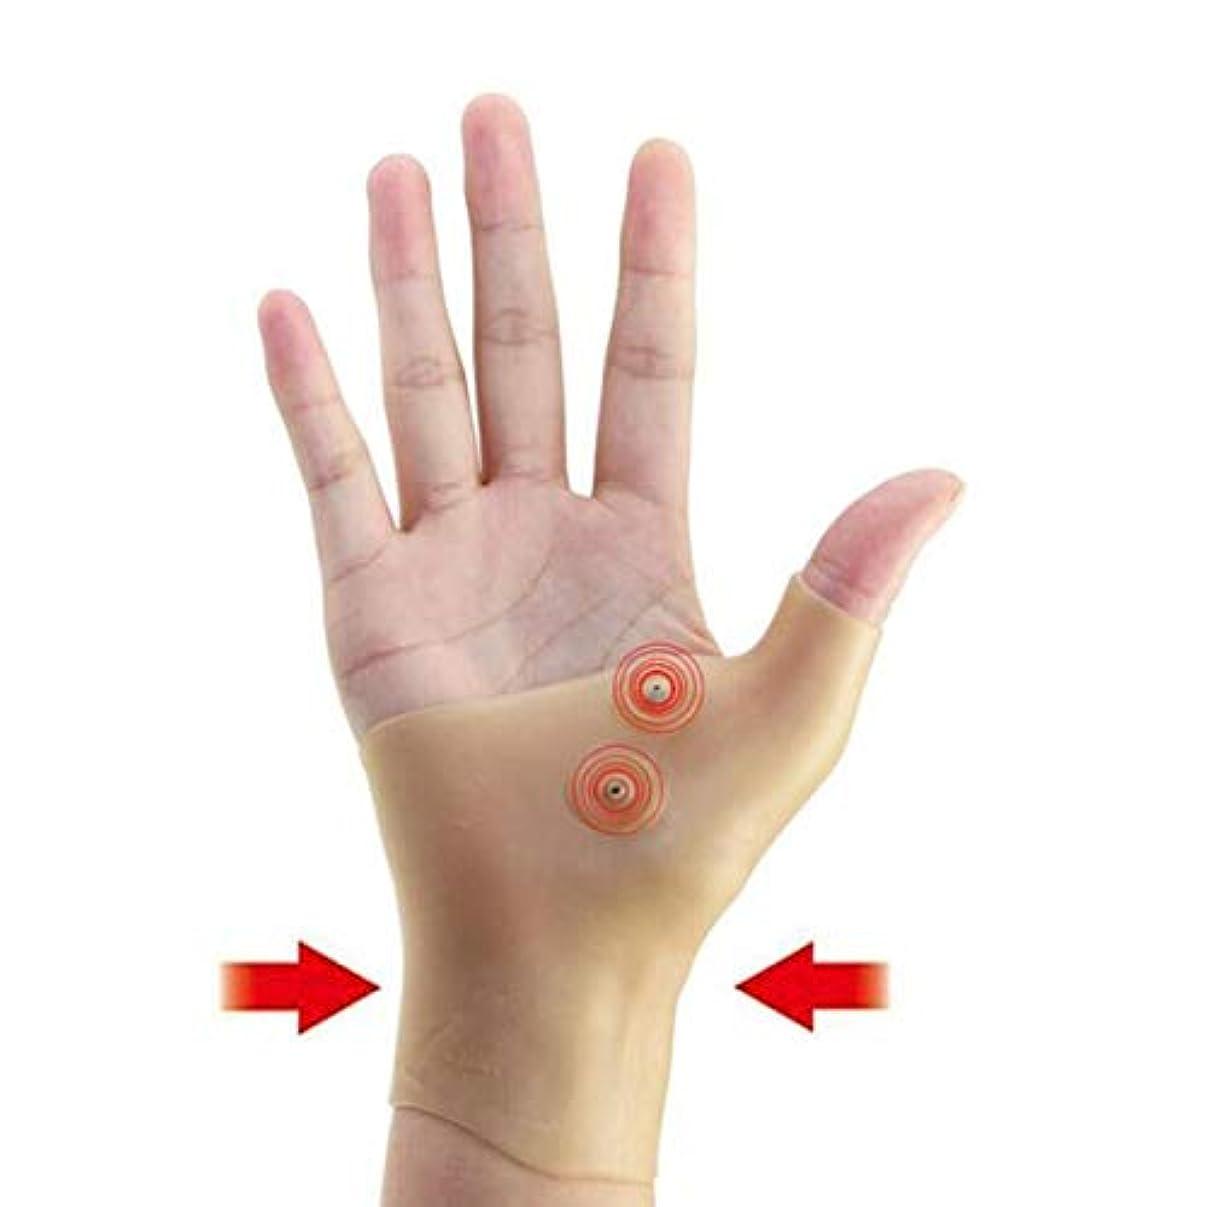 浸漬流行オーク友美 磁気療法の手首の親指サポート手袋のシリコーンのゲルのマッサージの苦痛救助